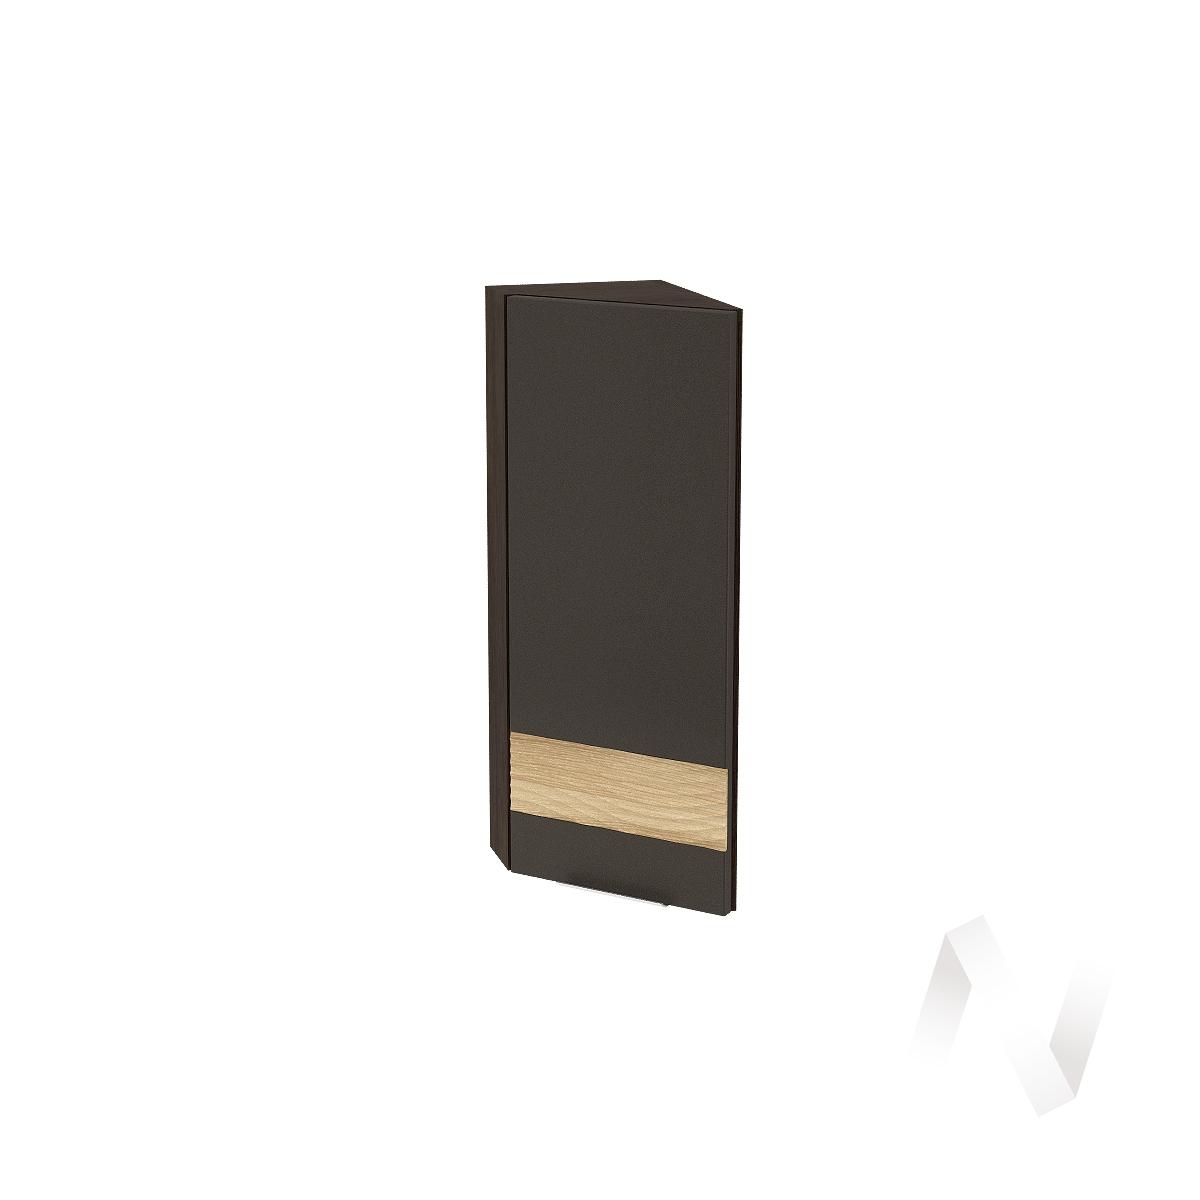 """Кухня """"Терра"""": Шкаф верхний торцевой левый 224, ШВТ 224 (смоки софт/ель карпатская/корпус венге)"""